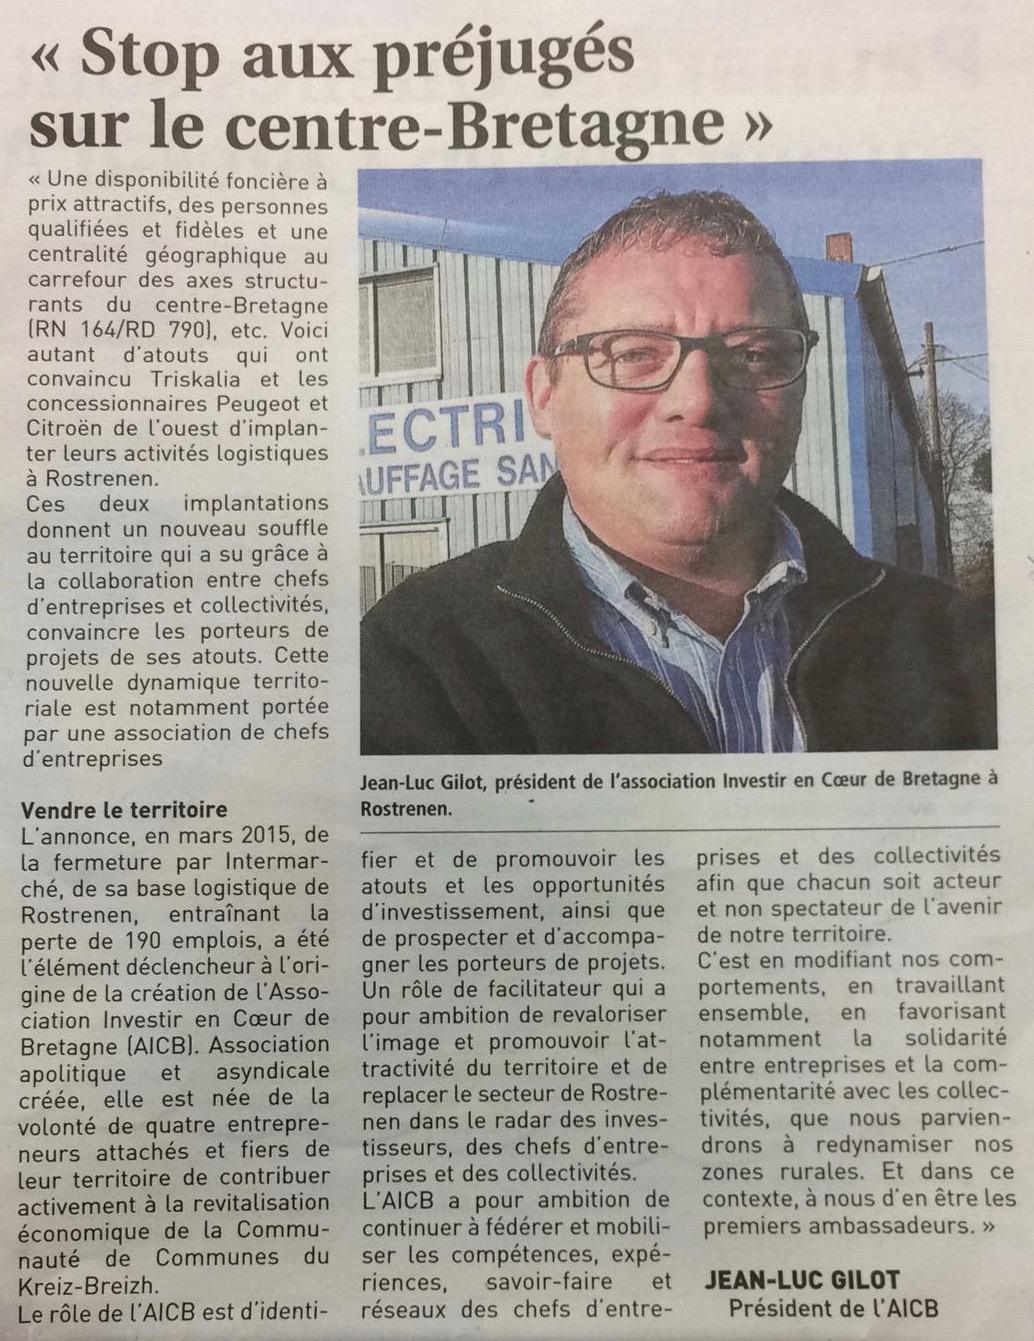 Communiqué de presse - AICB - Jean-luc Gilot - Journal des entreprises